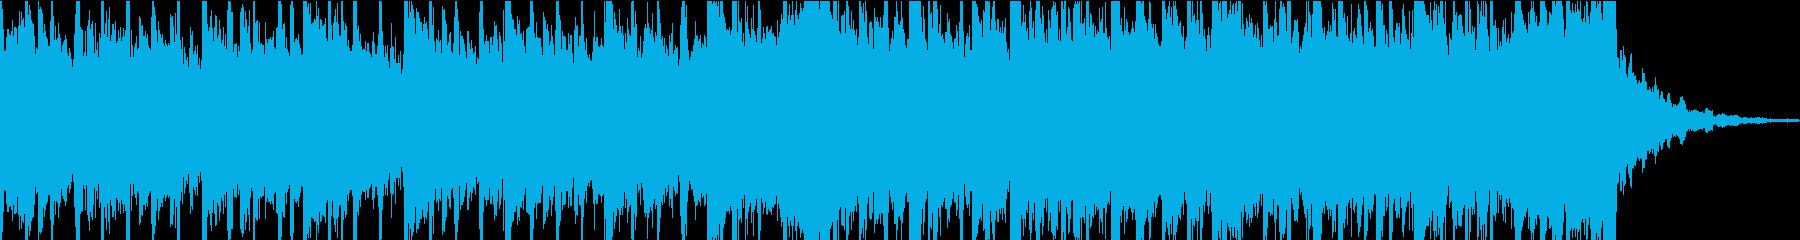 ポップ テクノ ロック 未来 テク...の再生済みの波形